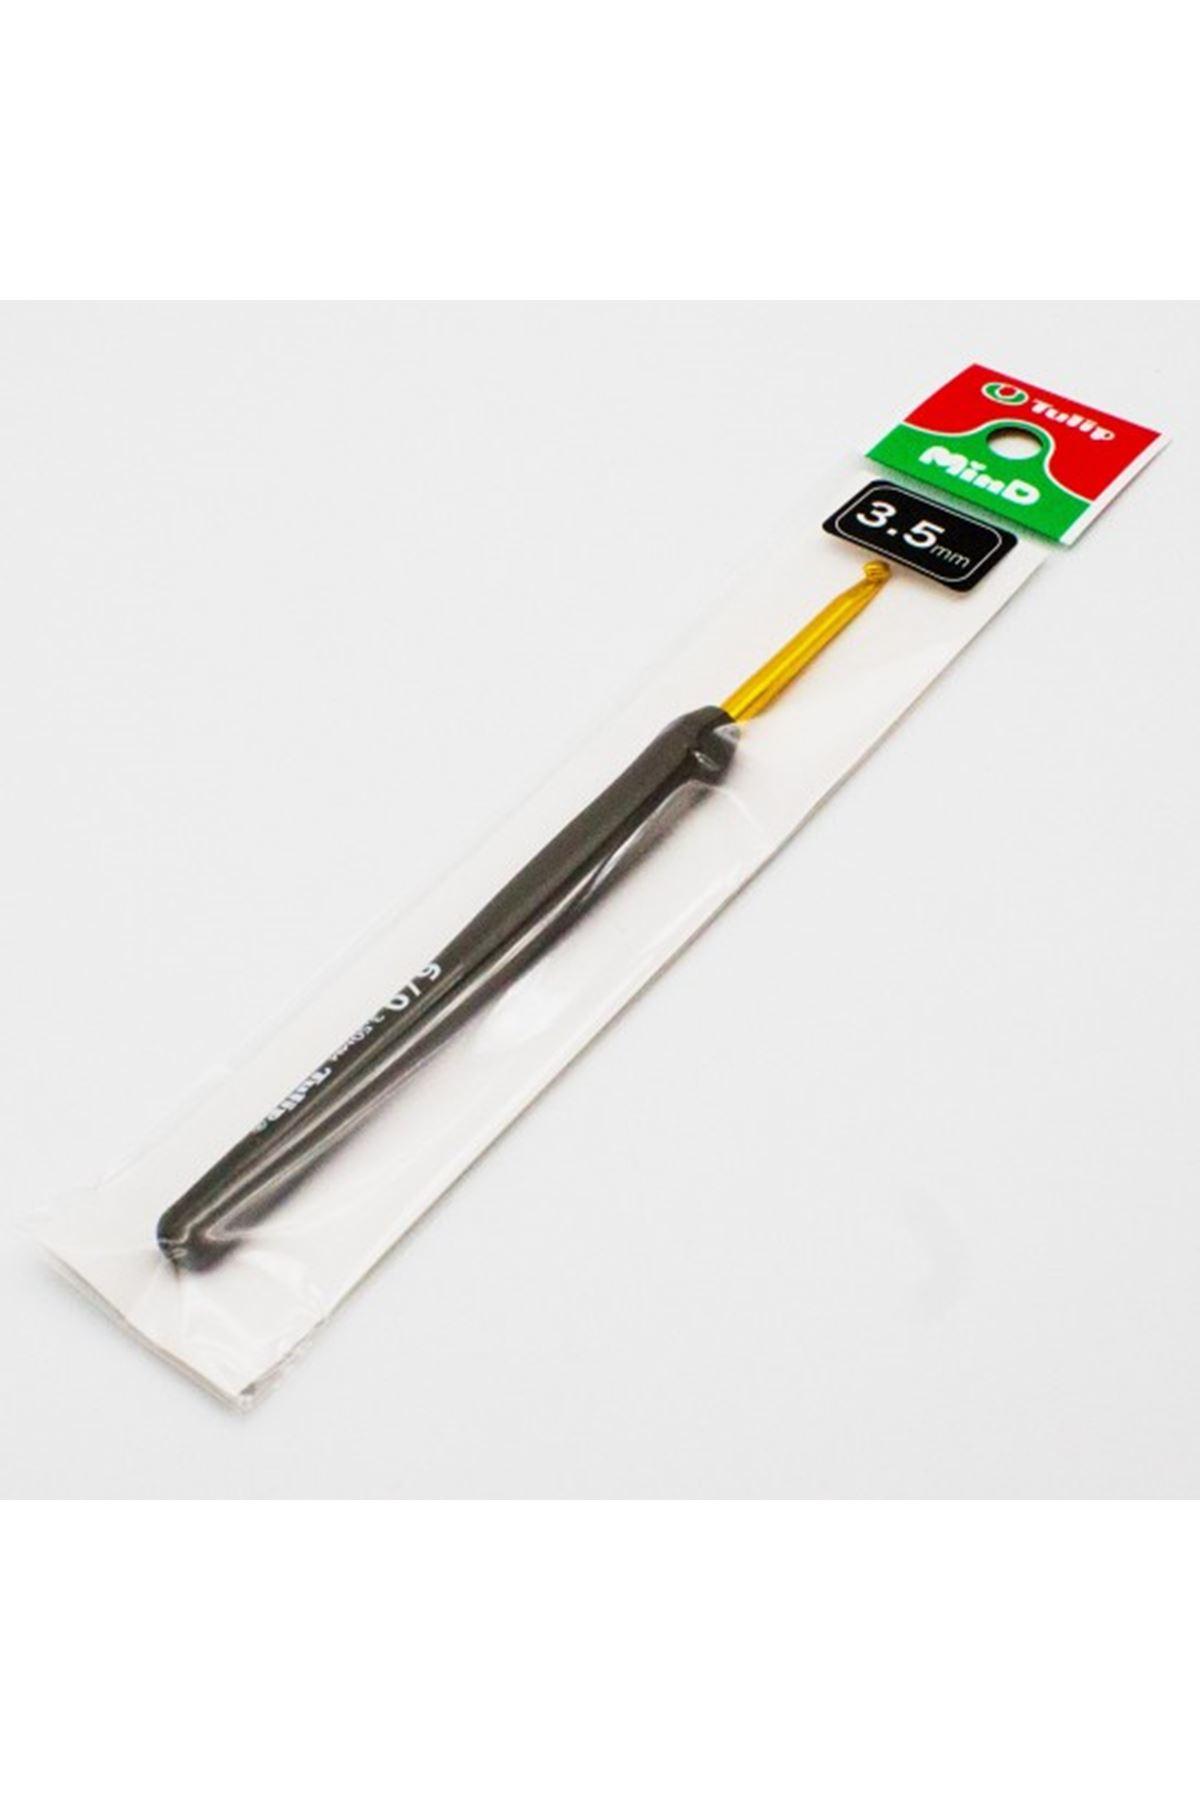 Tulip Örgü Tığı 3,25 mm